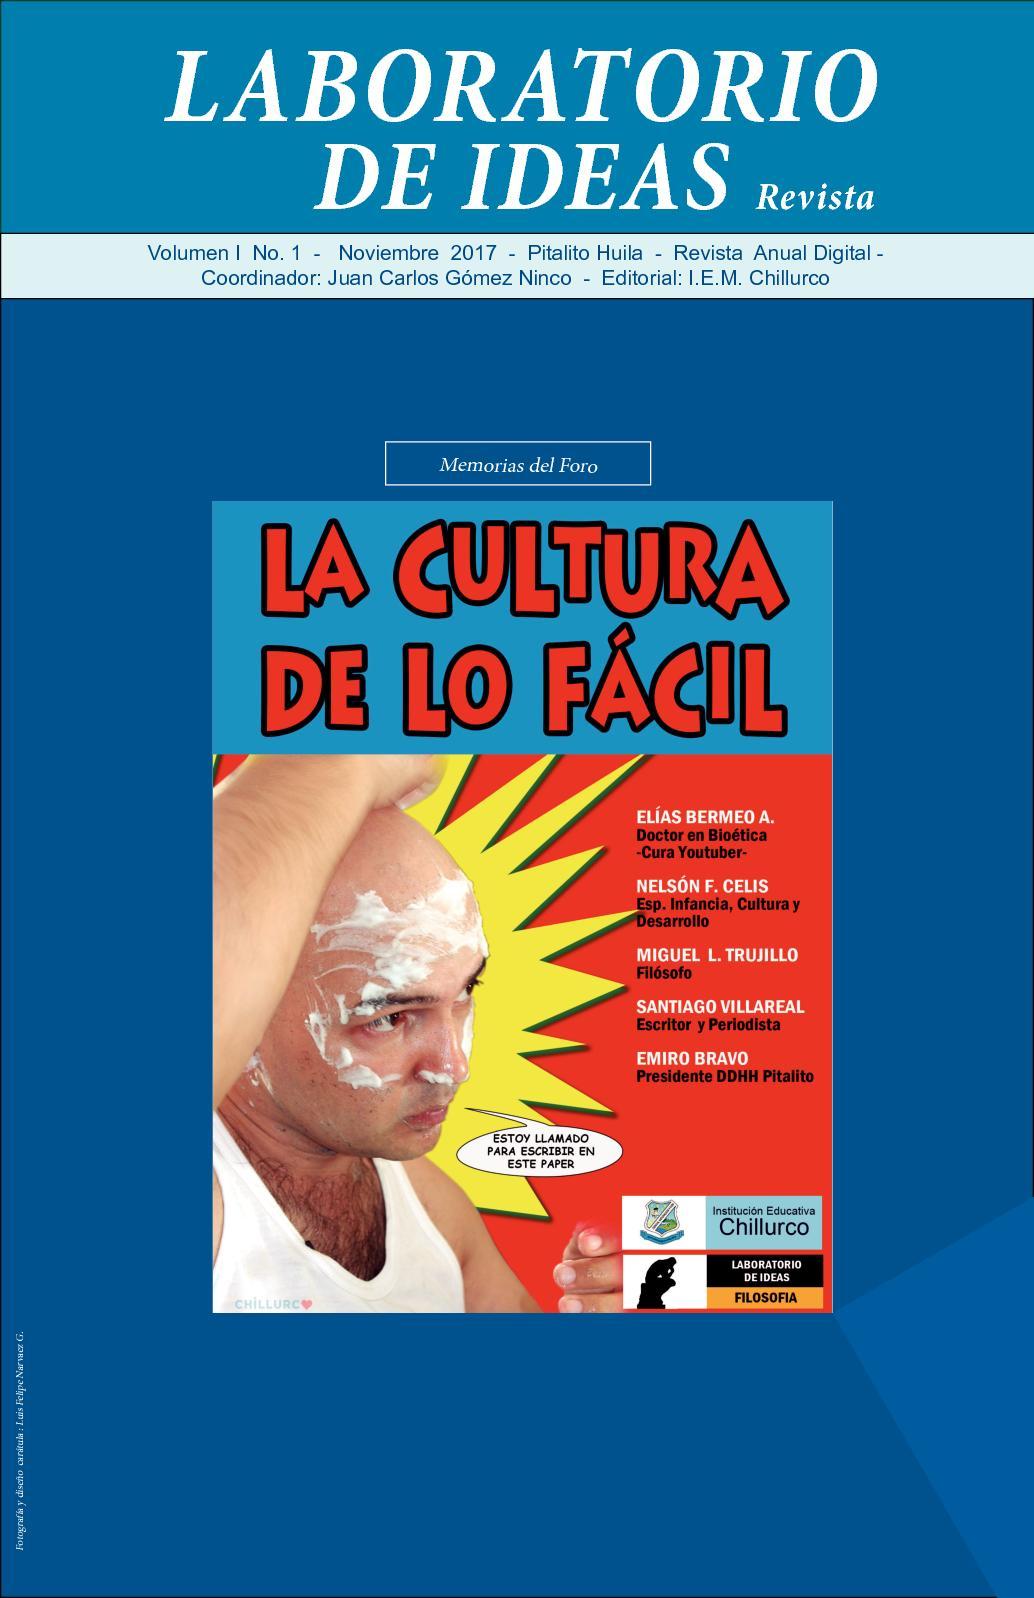 Calaméo - Revista Laboratorio de Ideas -Cultura de lo Fácil -